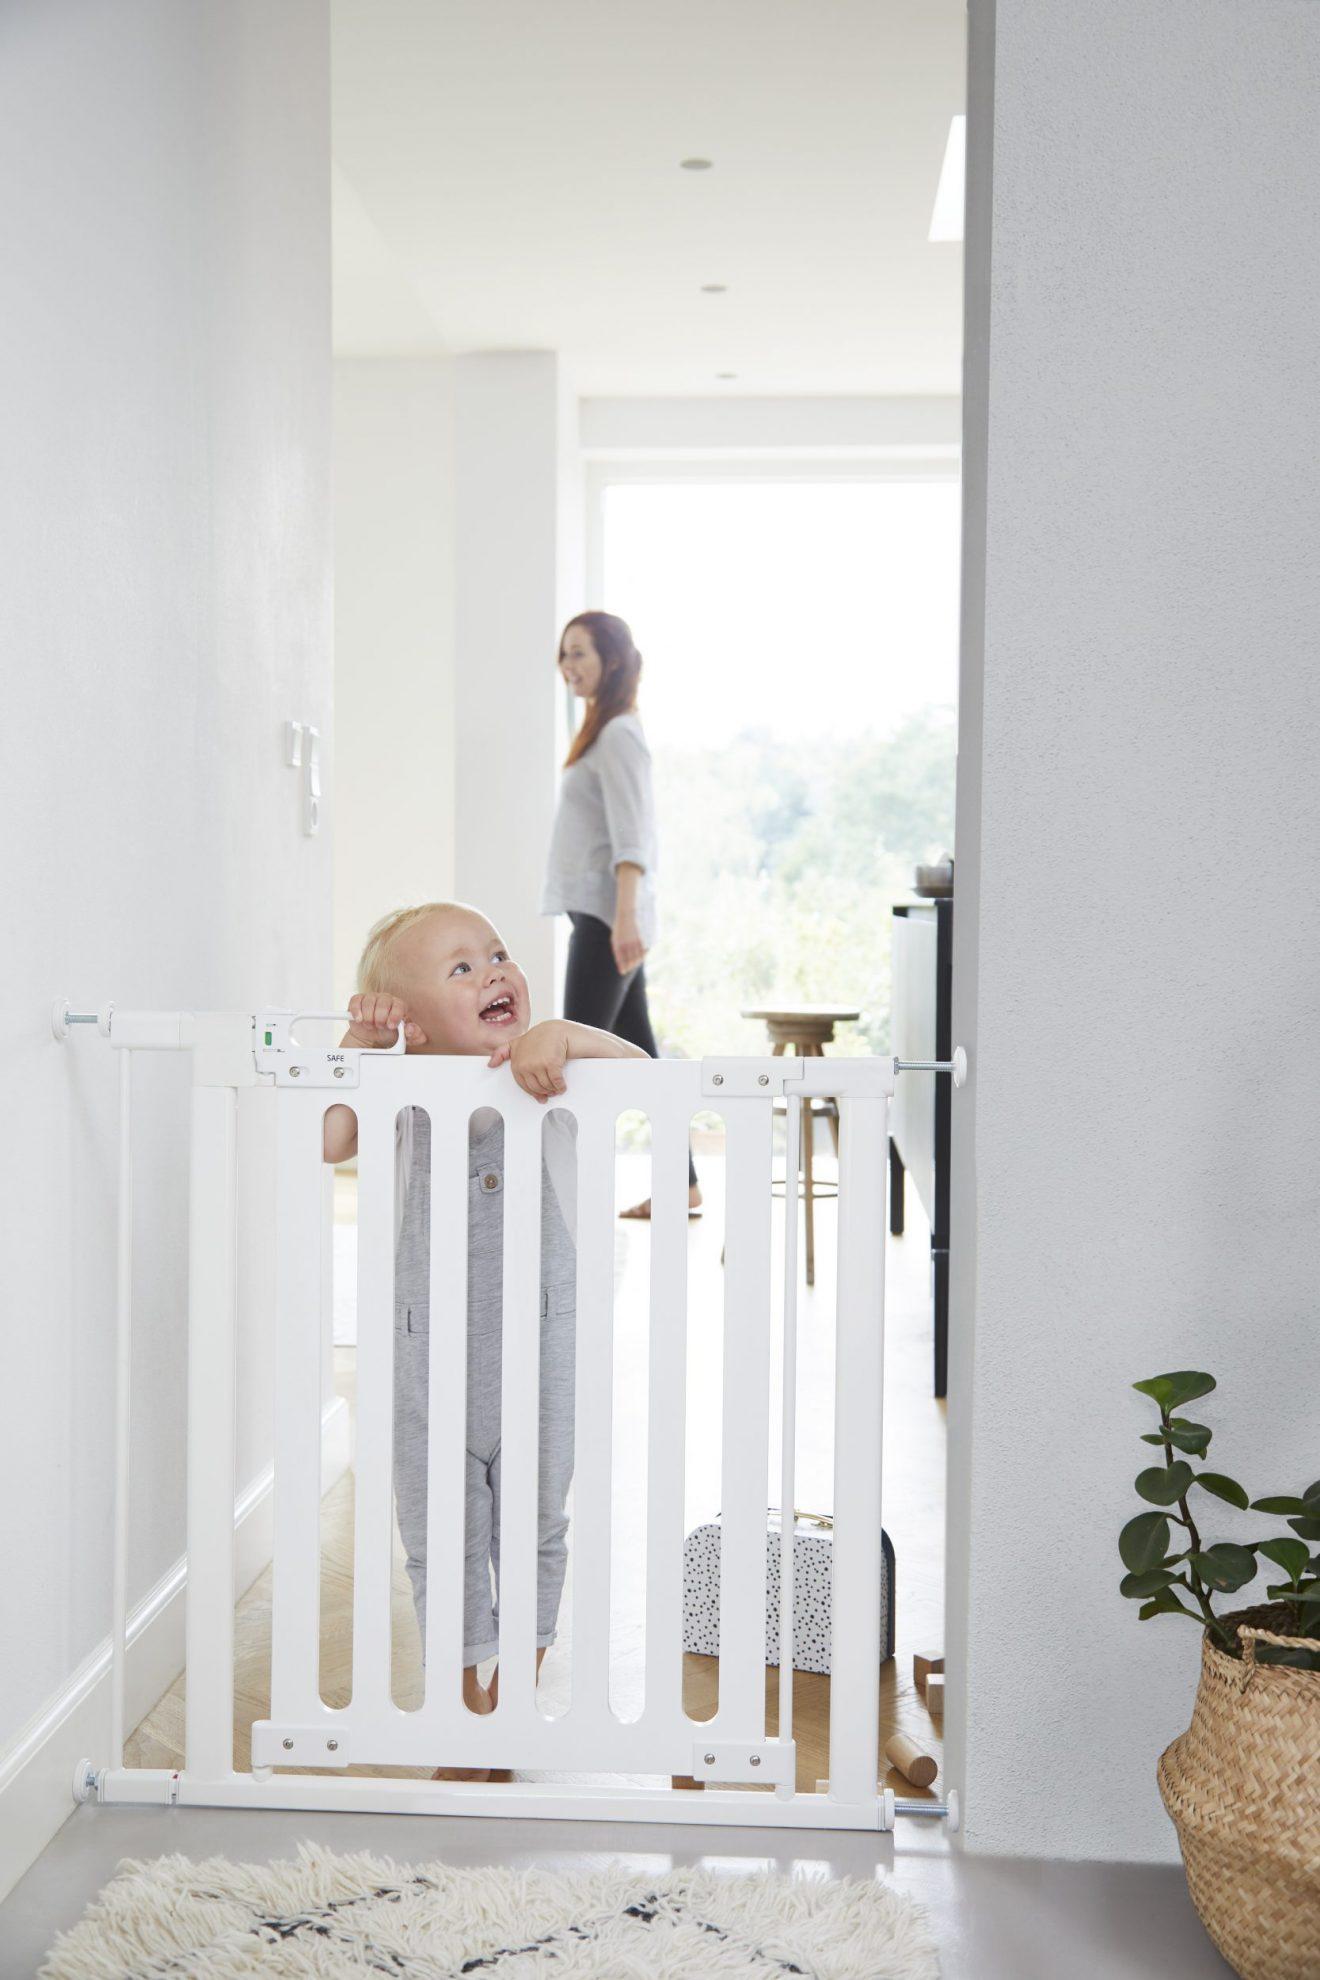 Børnesikring lever ikke op til EU-reglerne